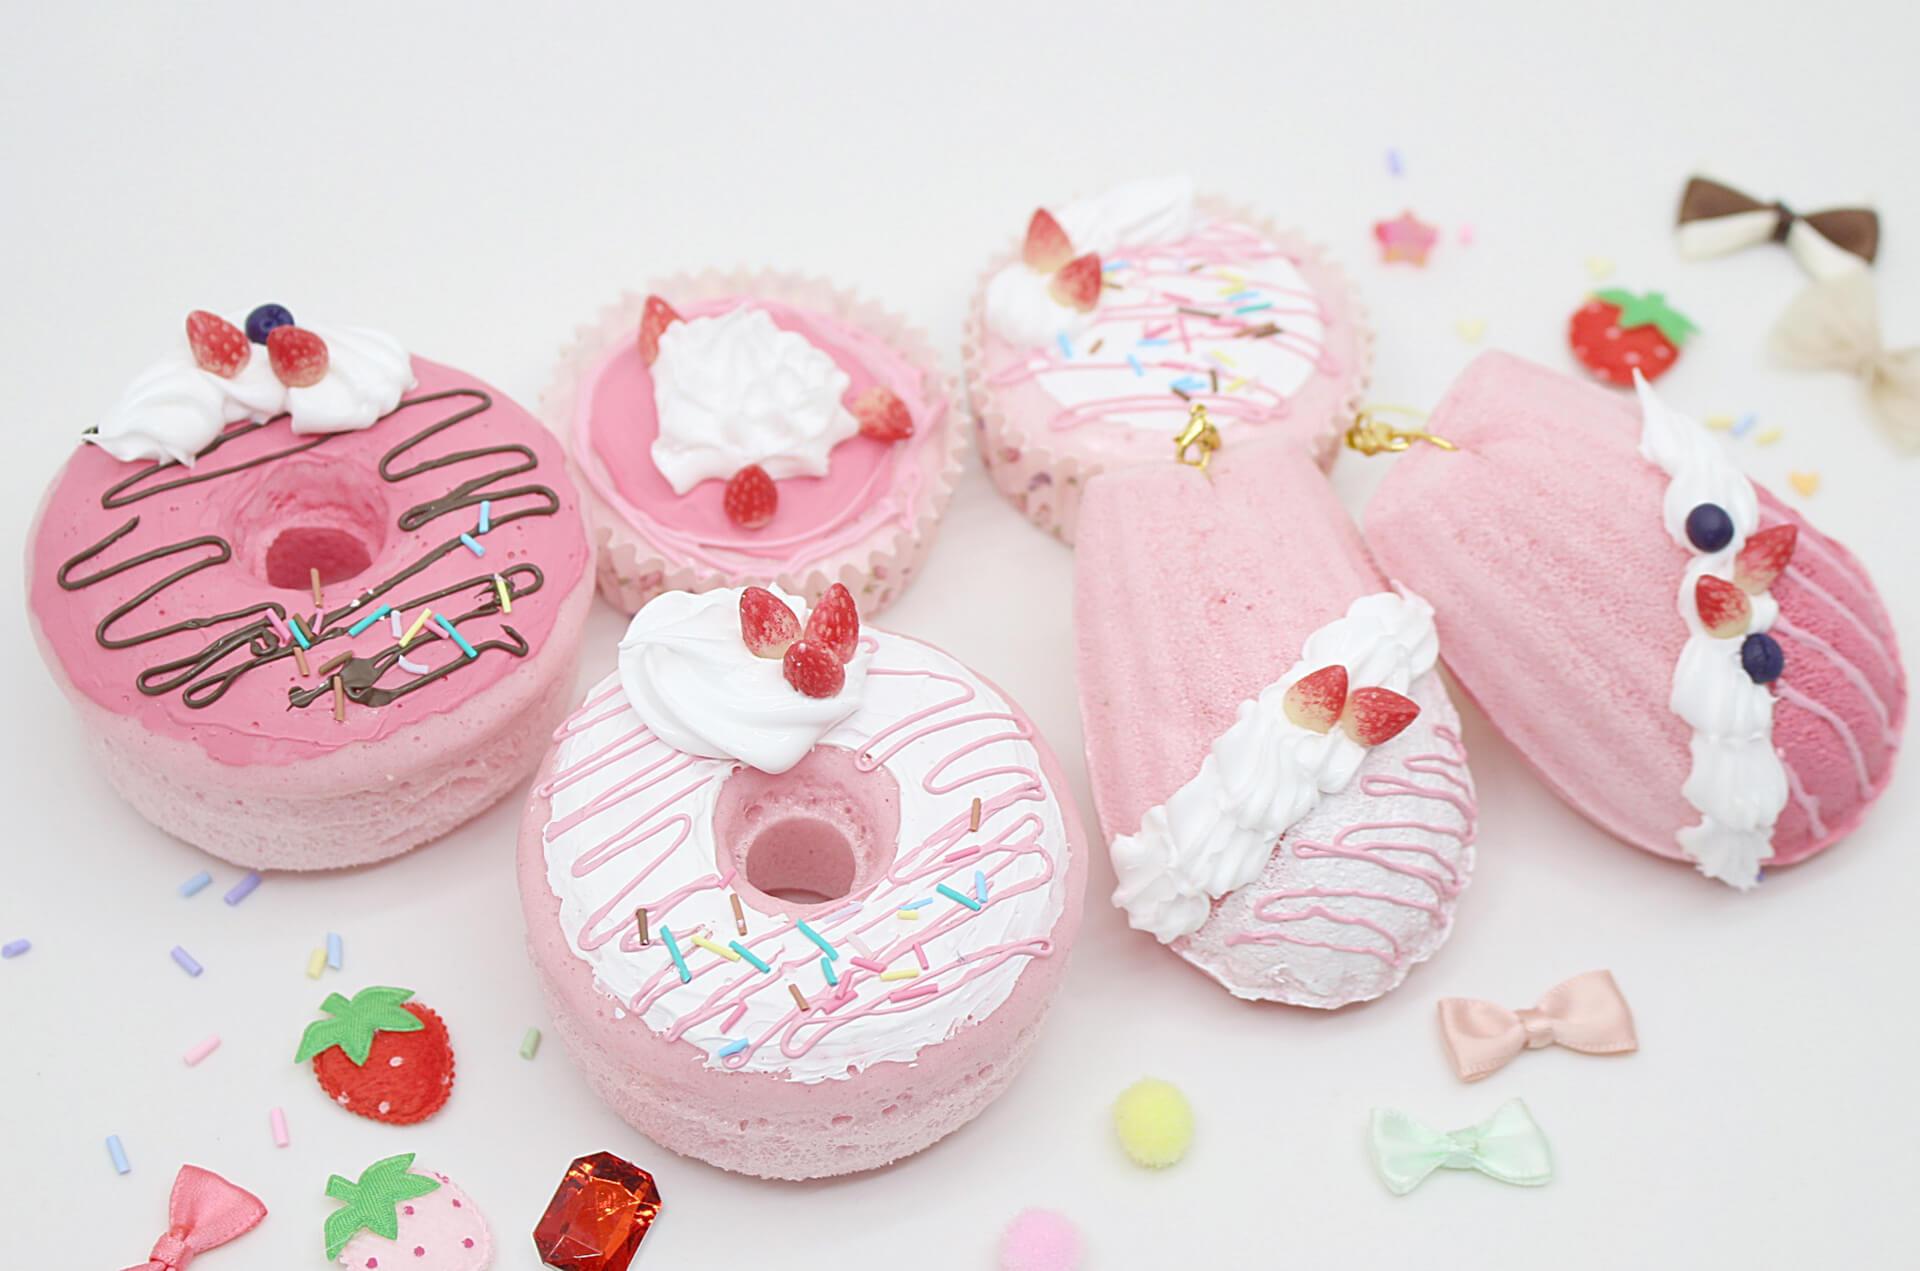 東京ストロベリーパーク『いちごまつり』で開催されるスクイーズ